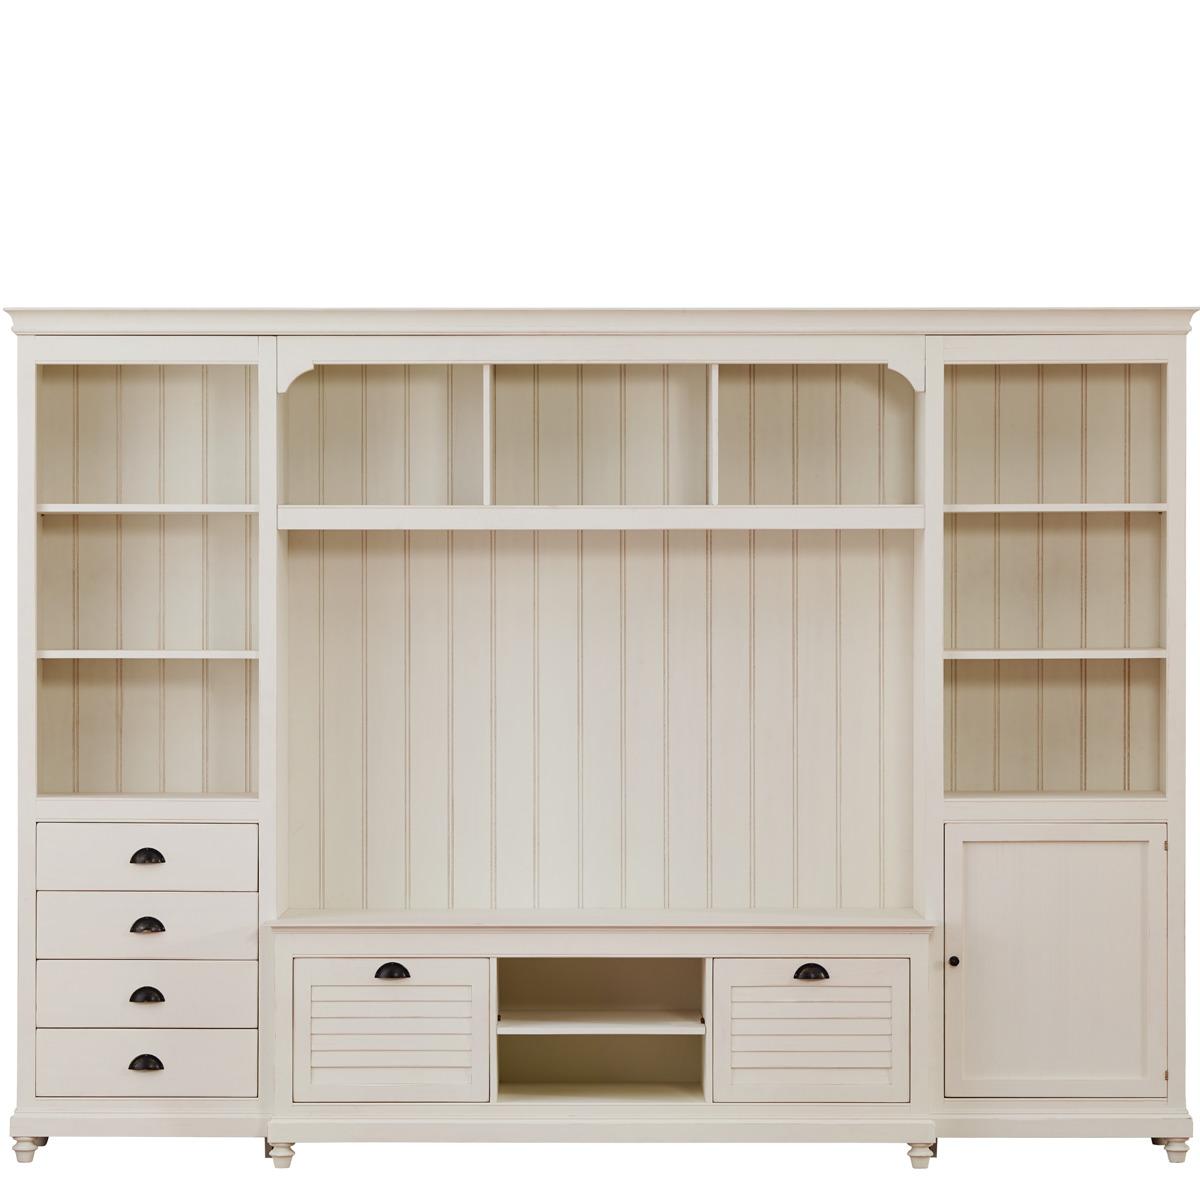 Muebles el corte ingles 20156 revista muebles - Corte ingles muebles ...